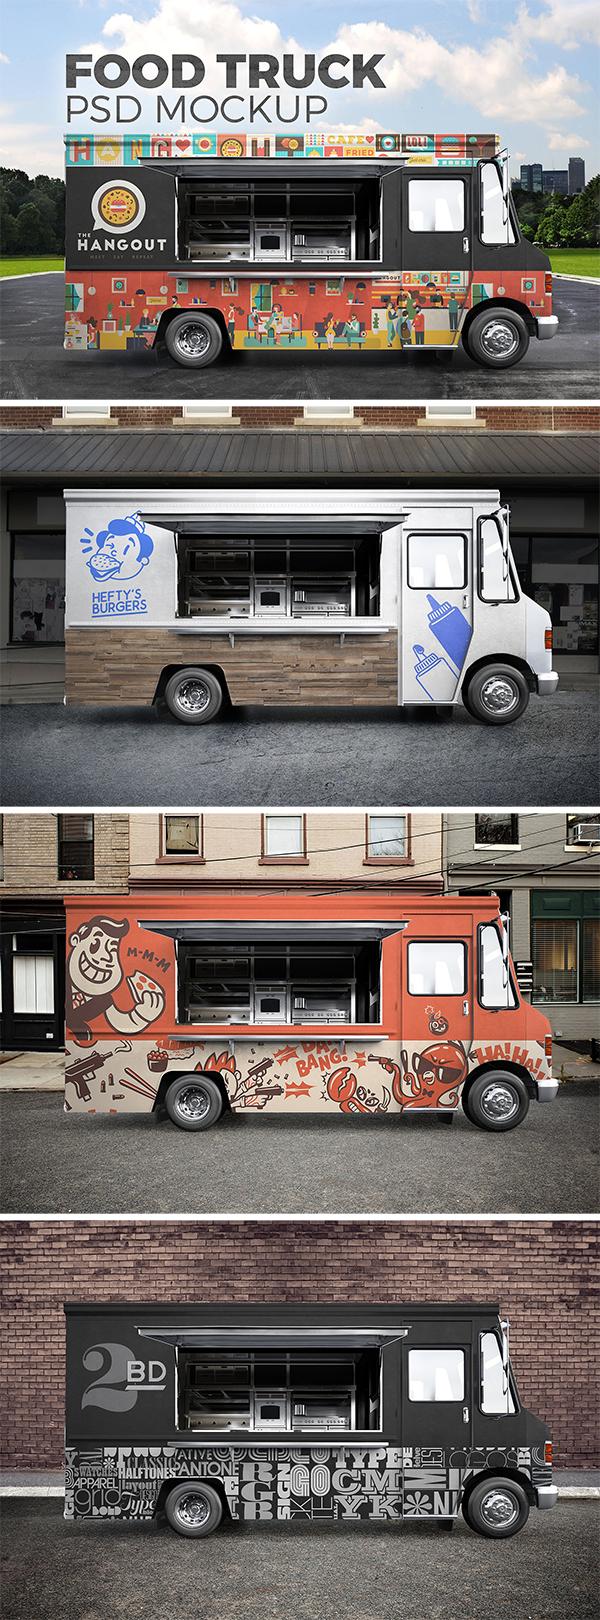 Food Truck PSD Mockup